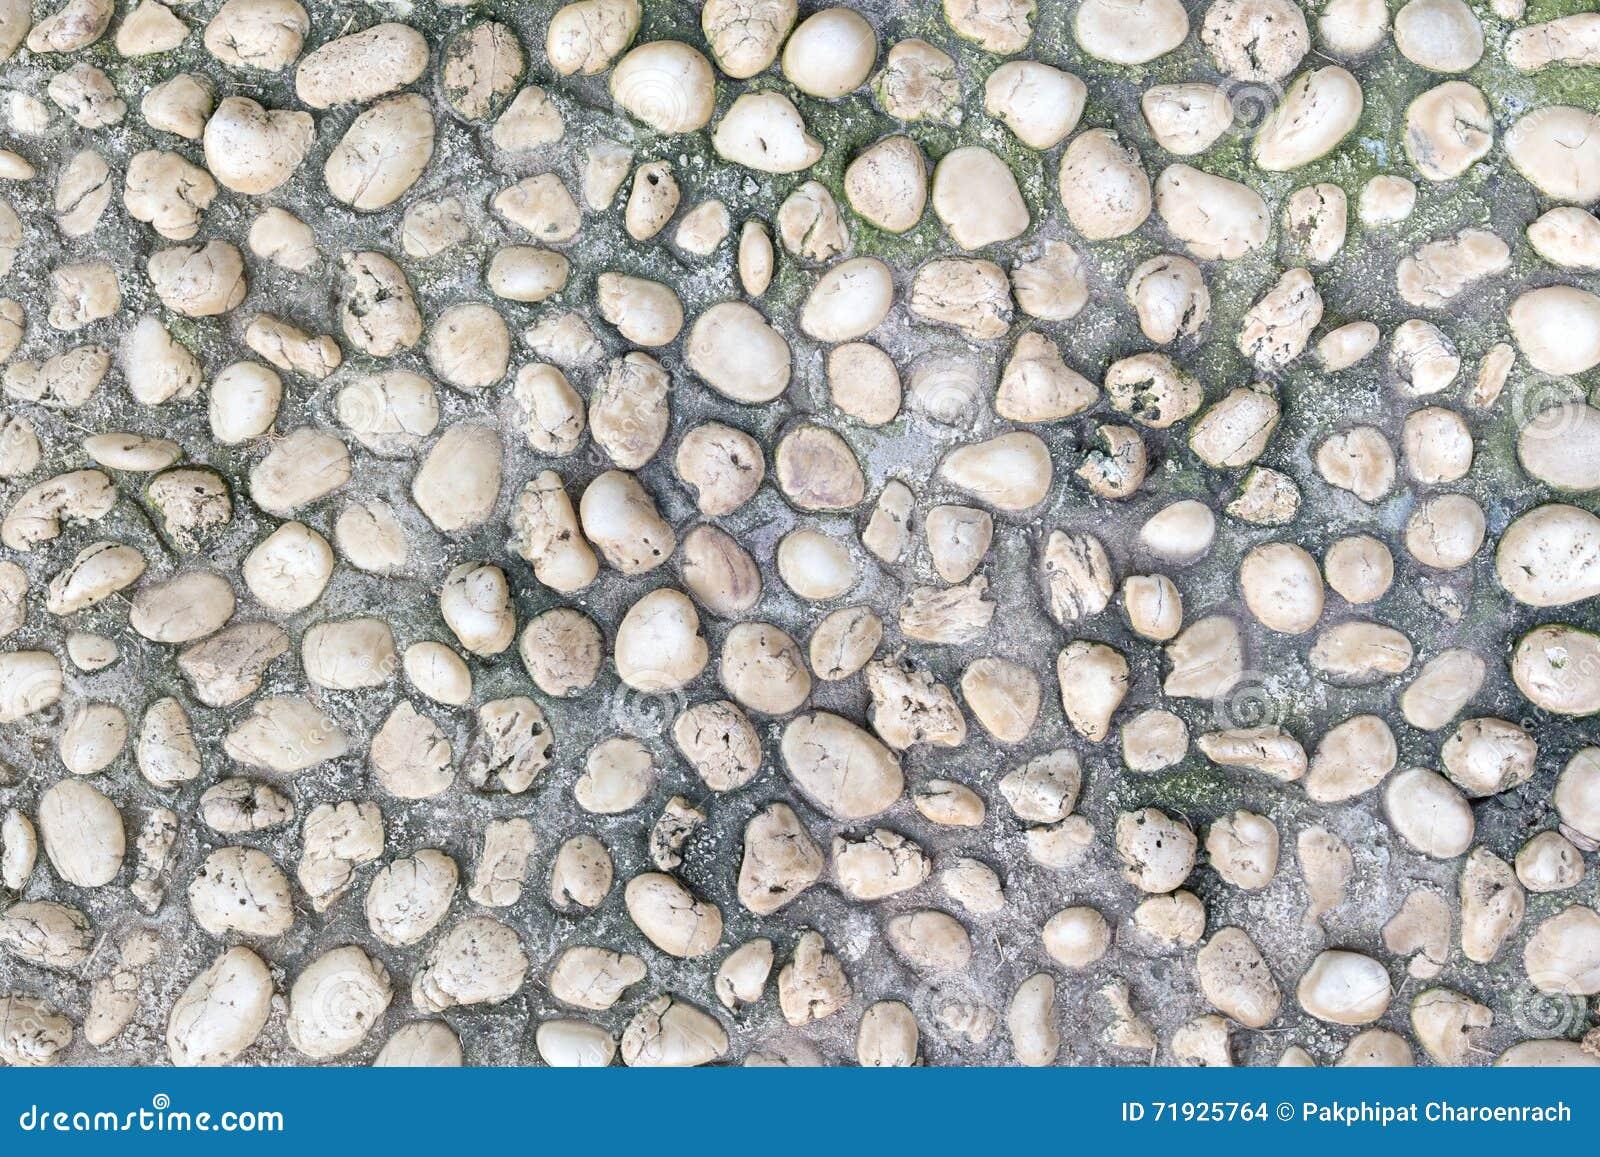 Естественно отполированные старые белые камешки утеса делают по образцу текстуру